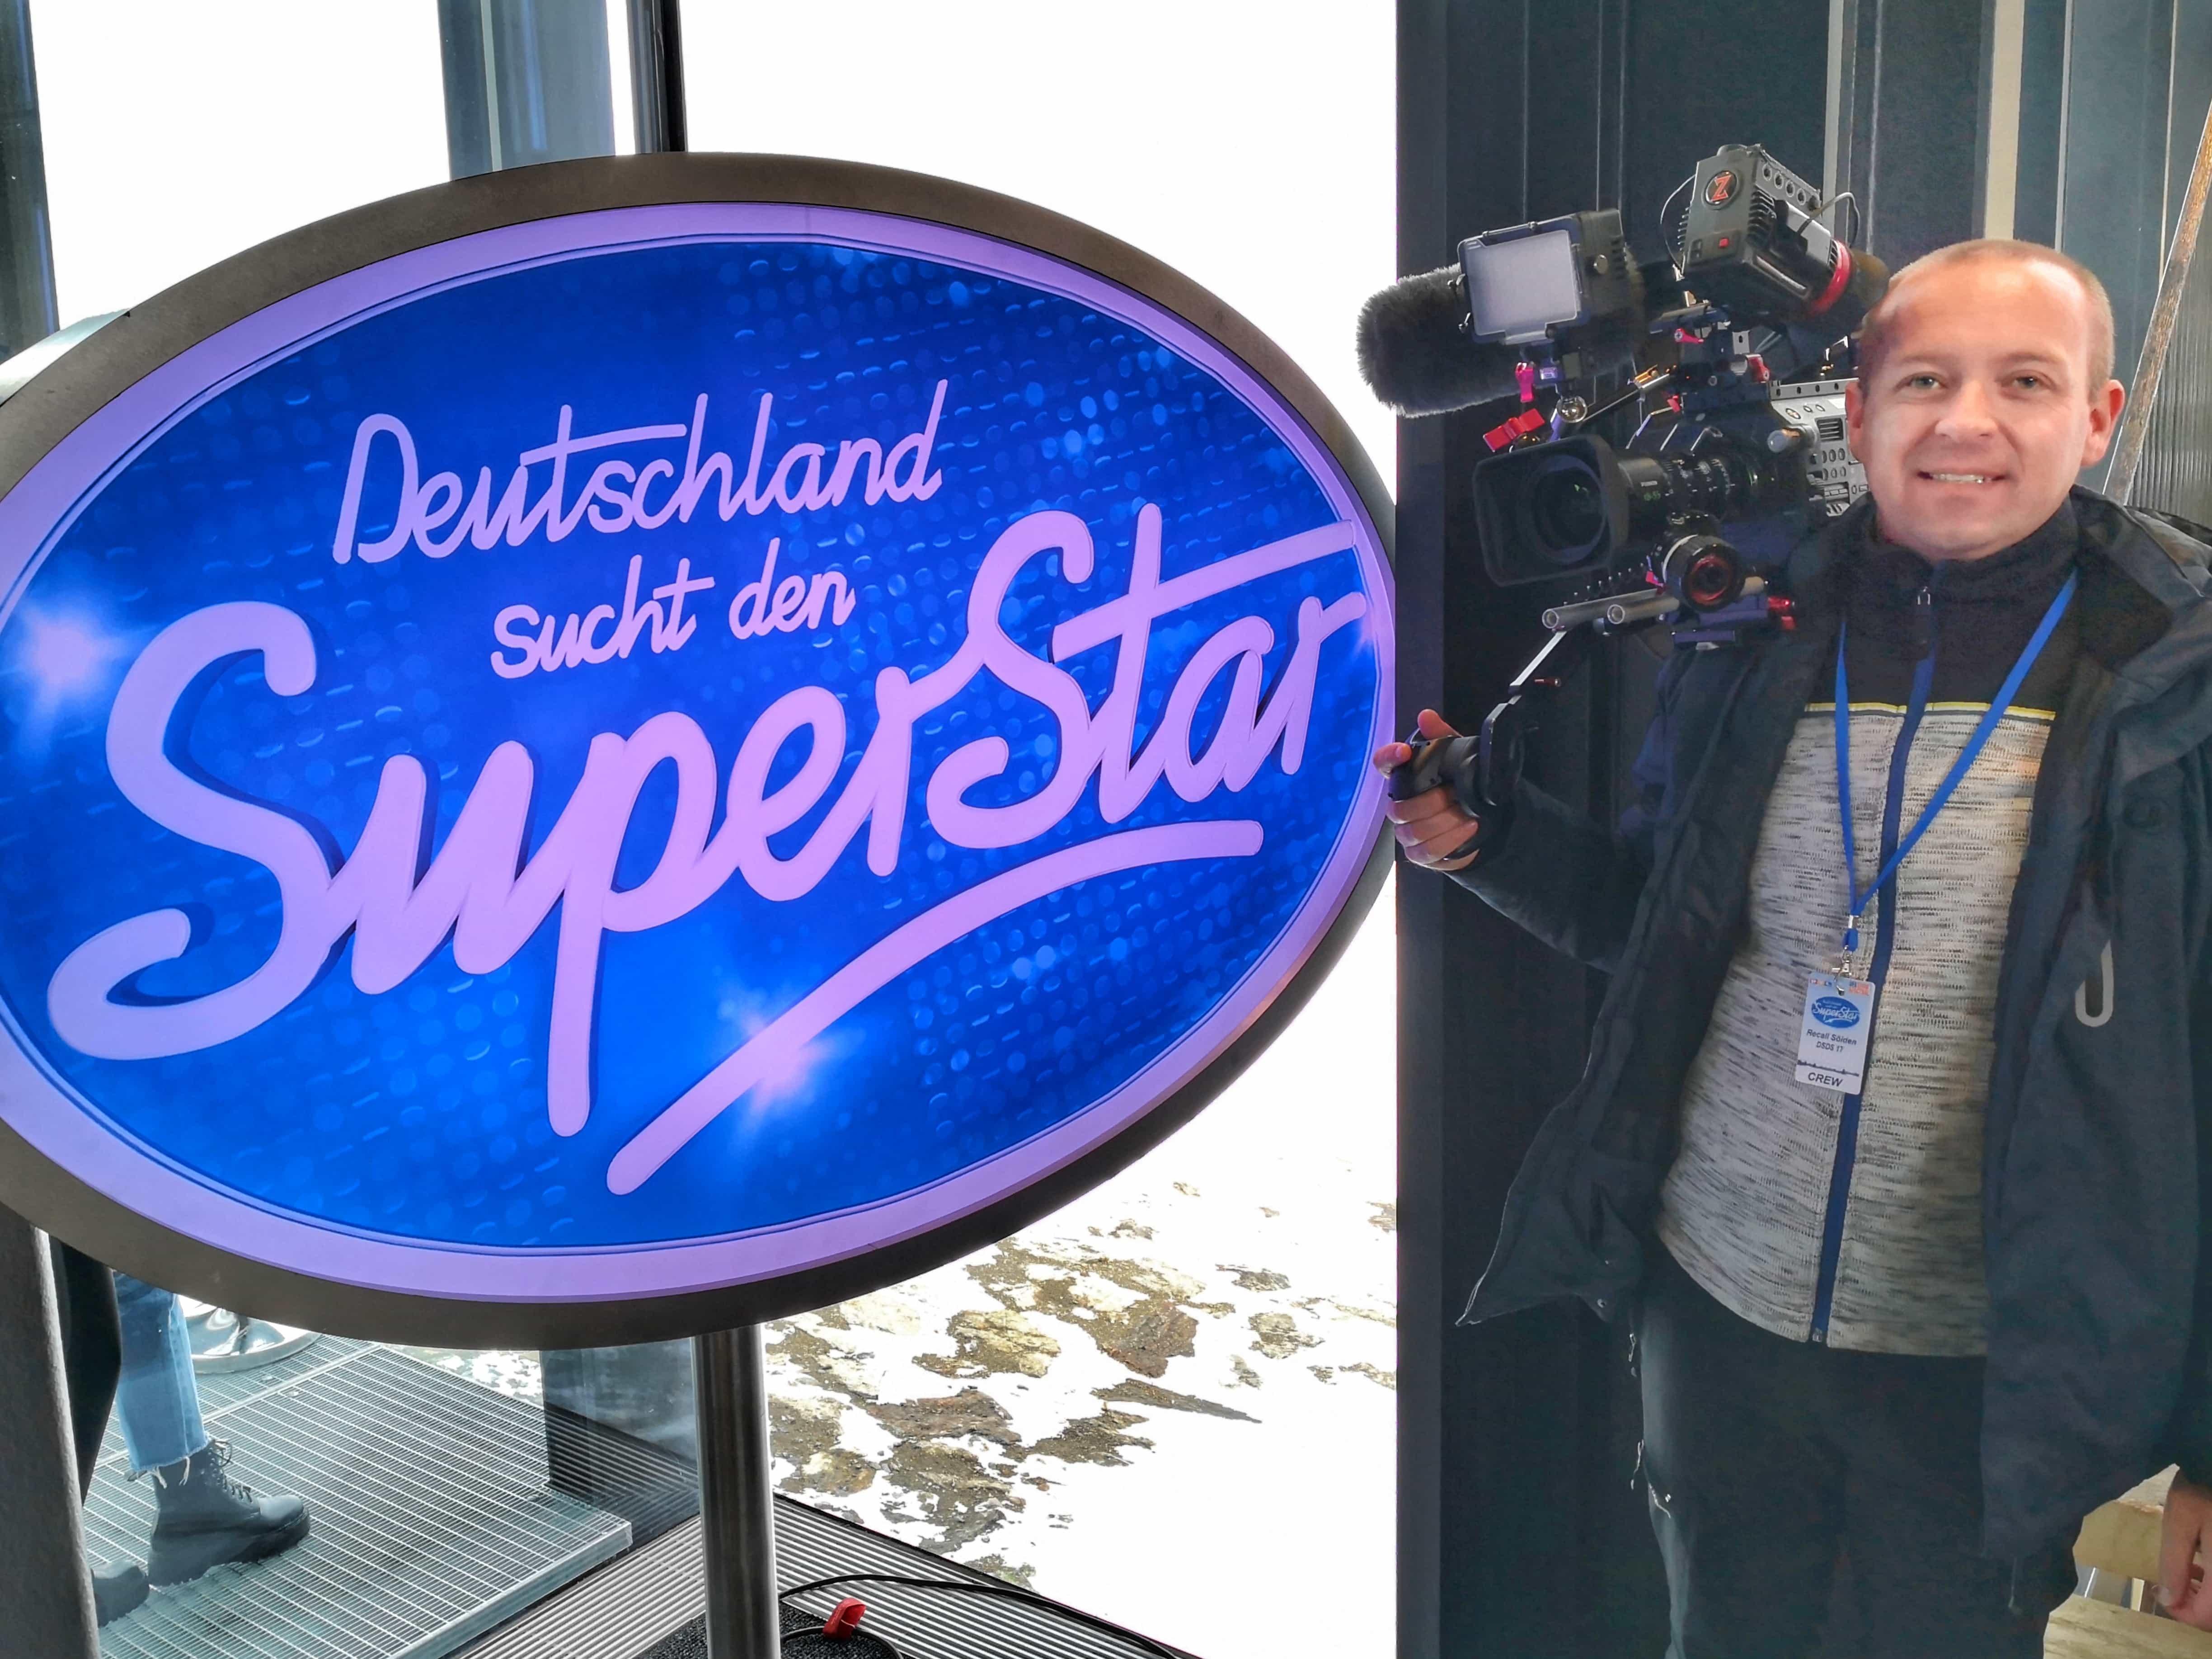 RTL DSDS Deutschland sucht den Superstar 2020